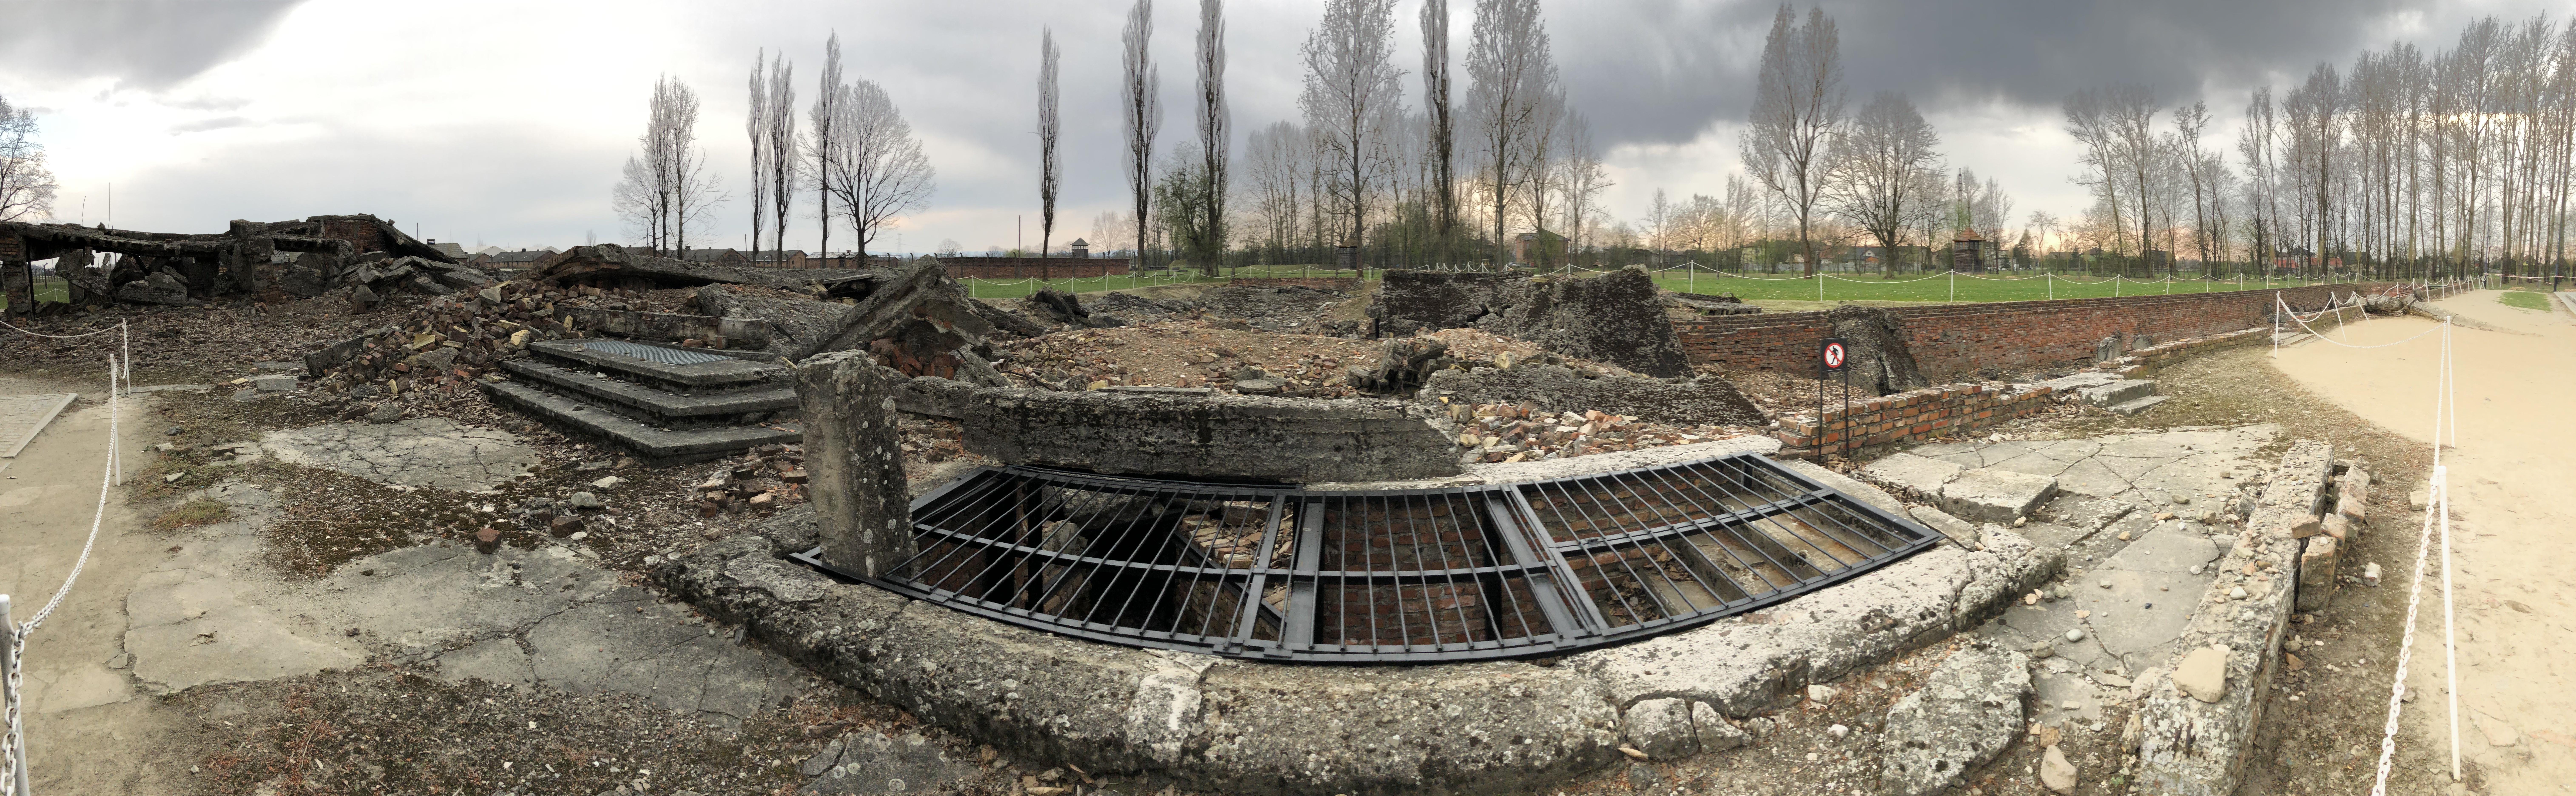 auschwitz birkenau gas chamberpanoramic